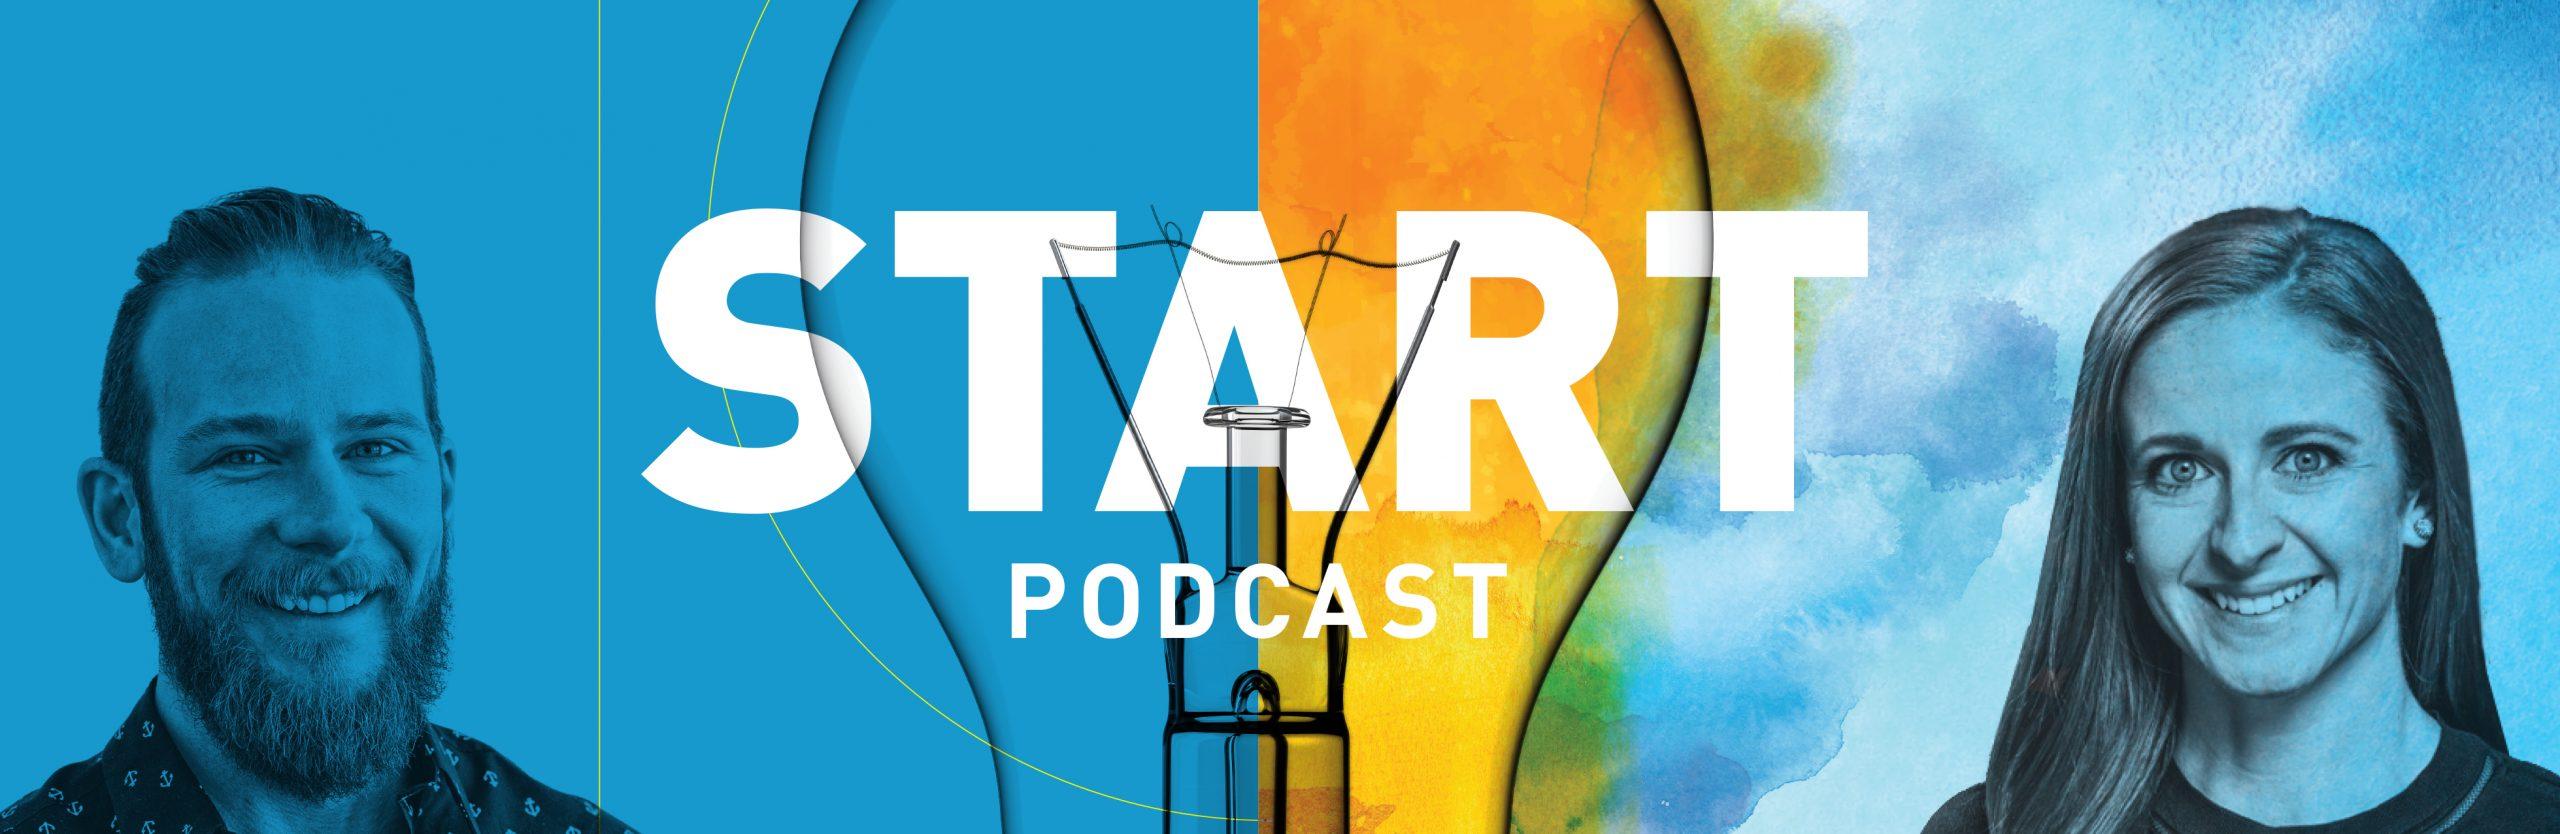 Start Podcast banner